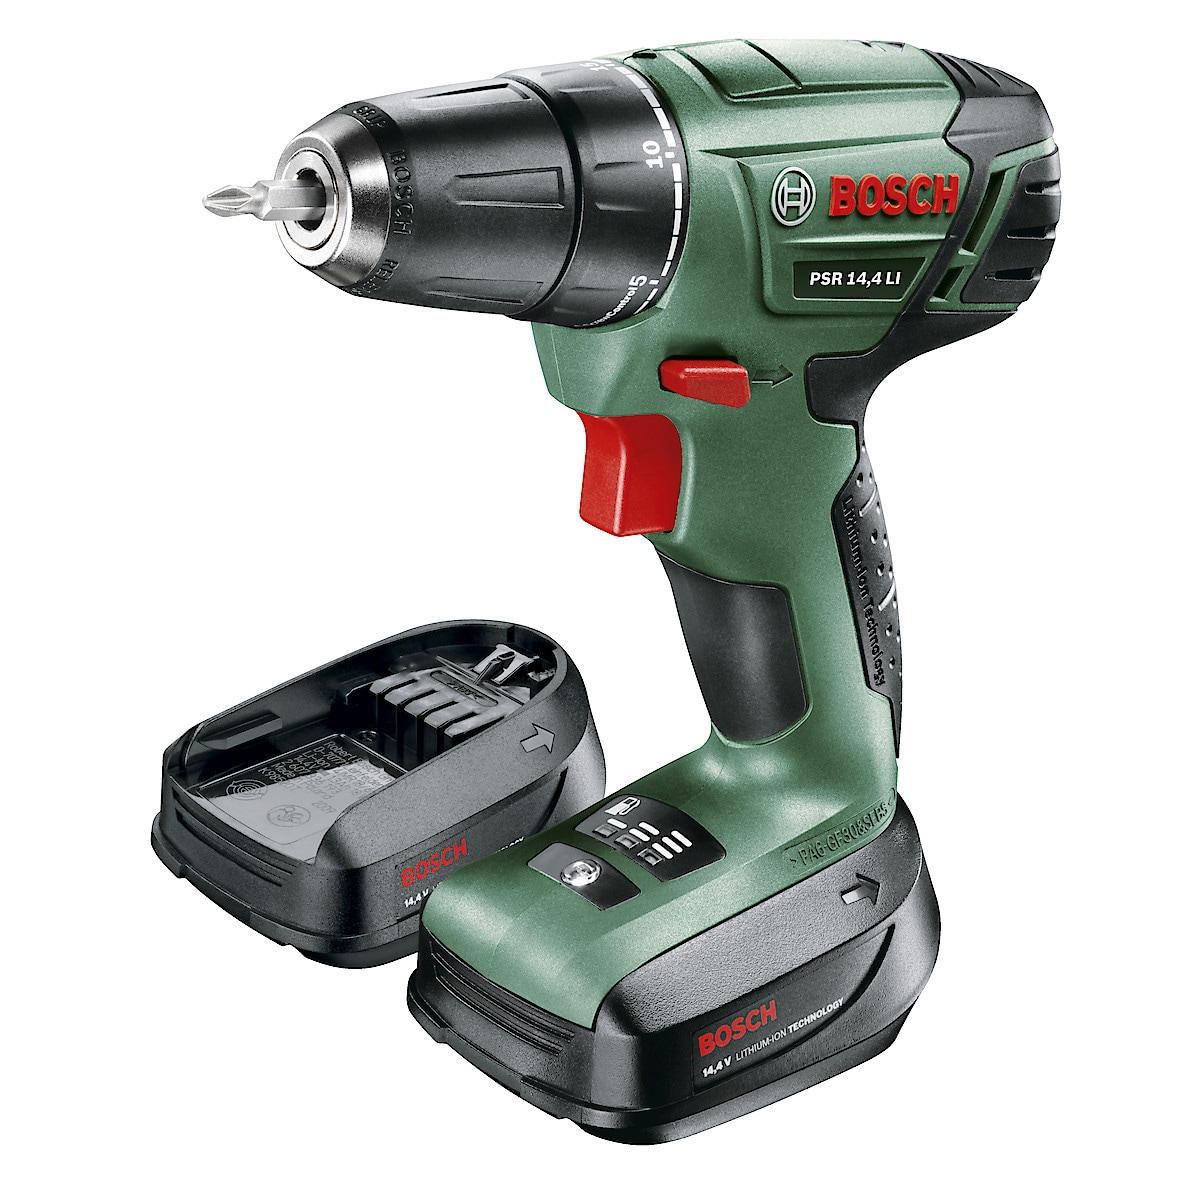 Bosch PSR 14,4 LI, drill